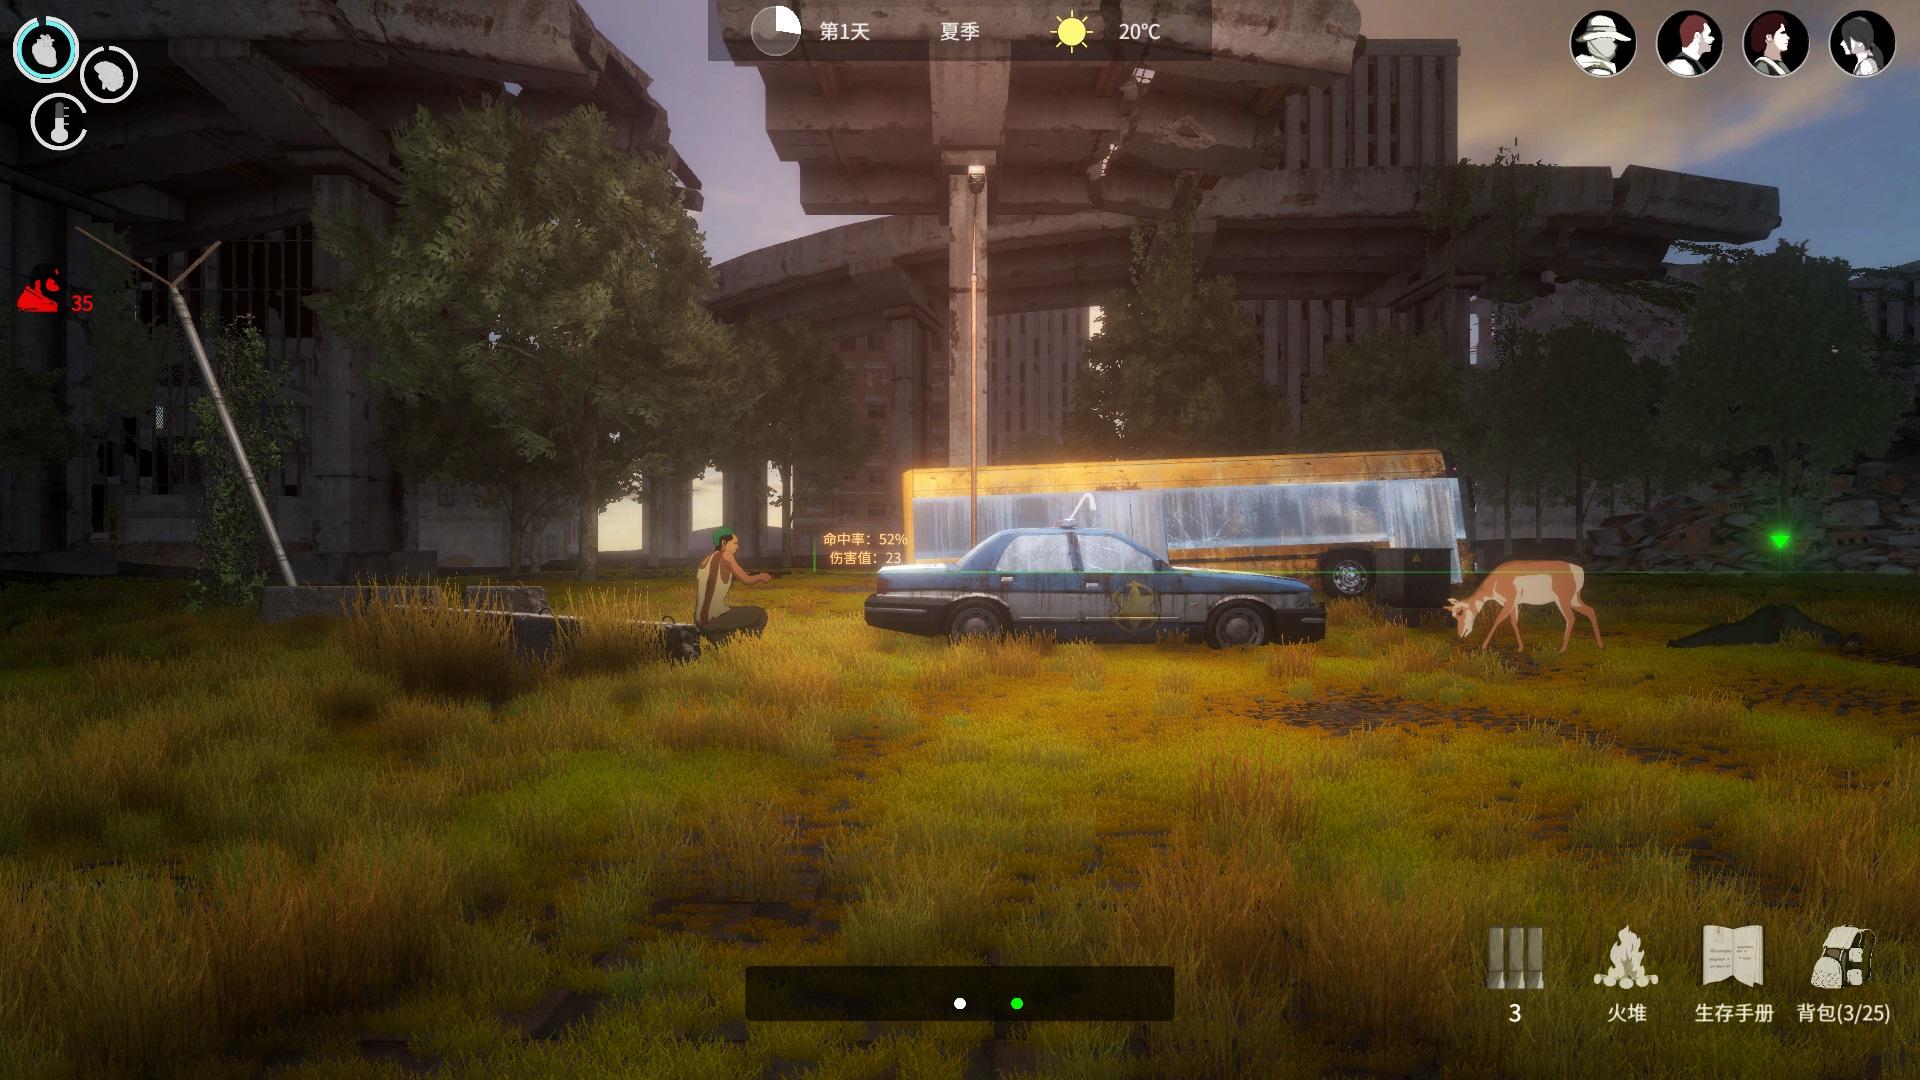 生存游戏《地表法则:先遣者》最新预告释出 9月9日发售